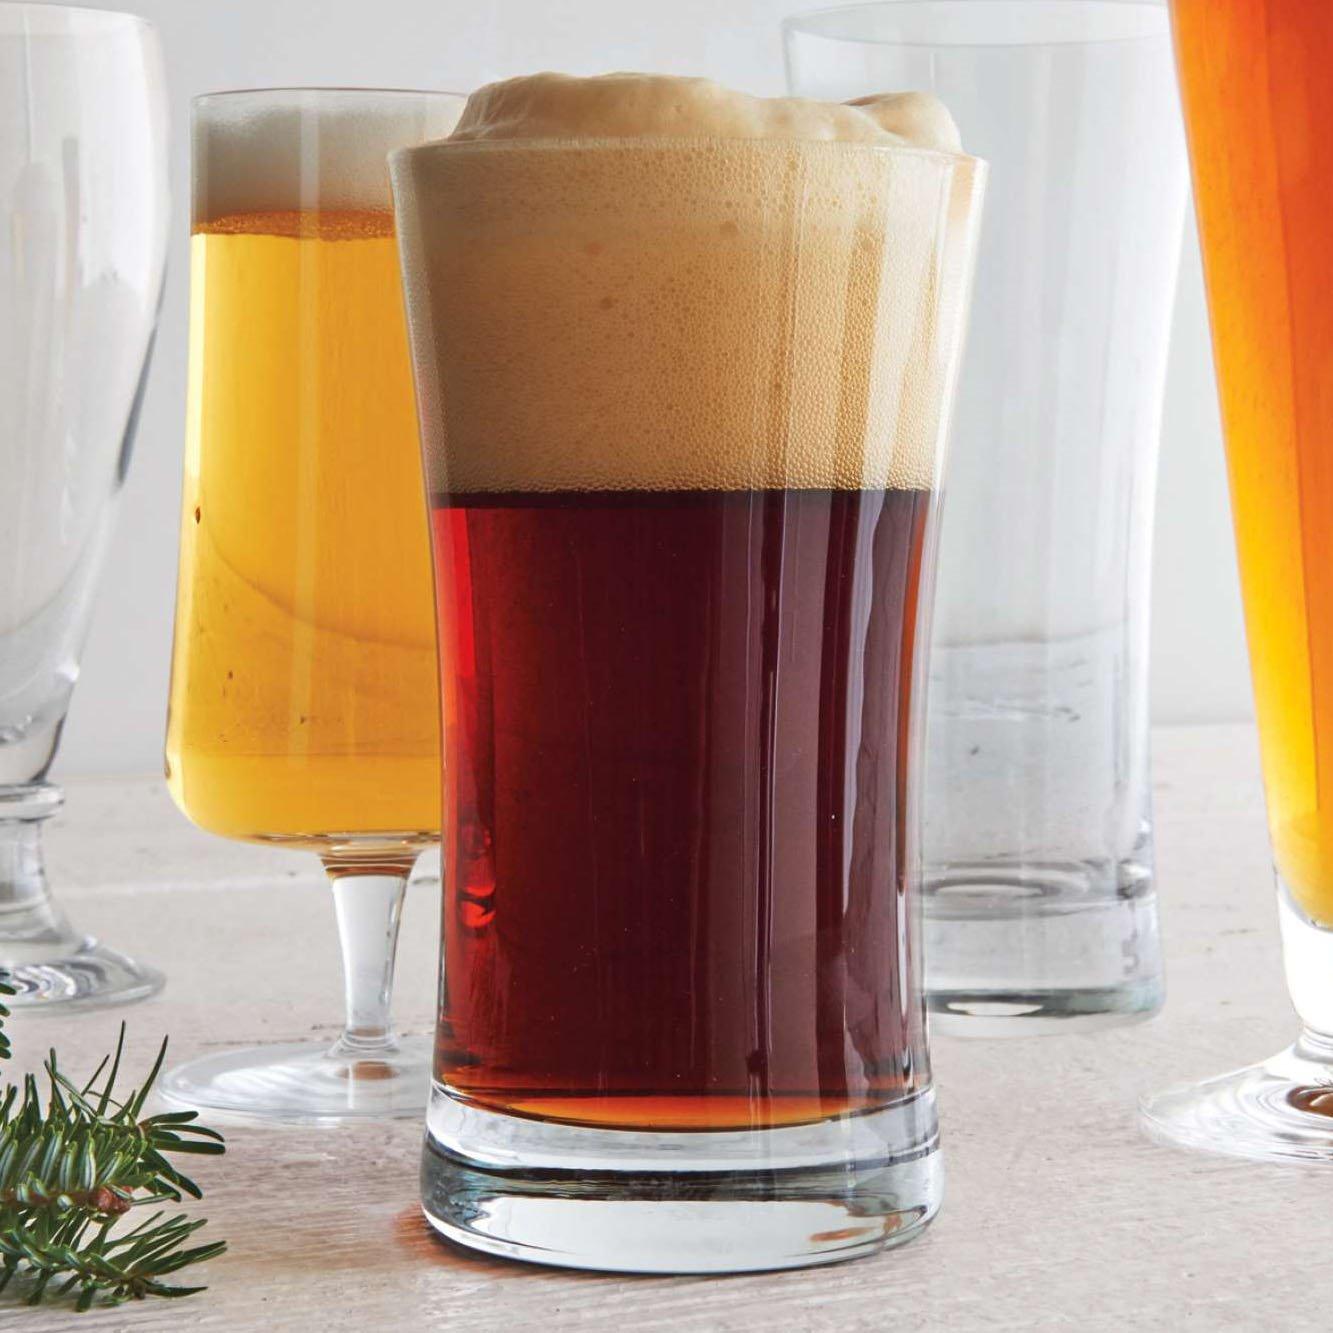 Schott Zwiesel Pint Beer Glass Set of 6